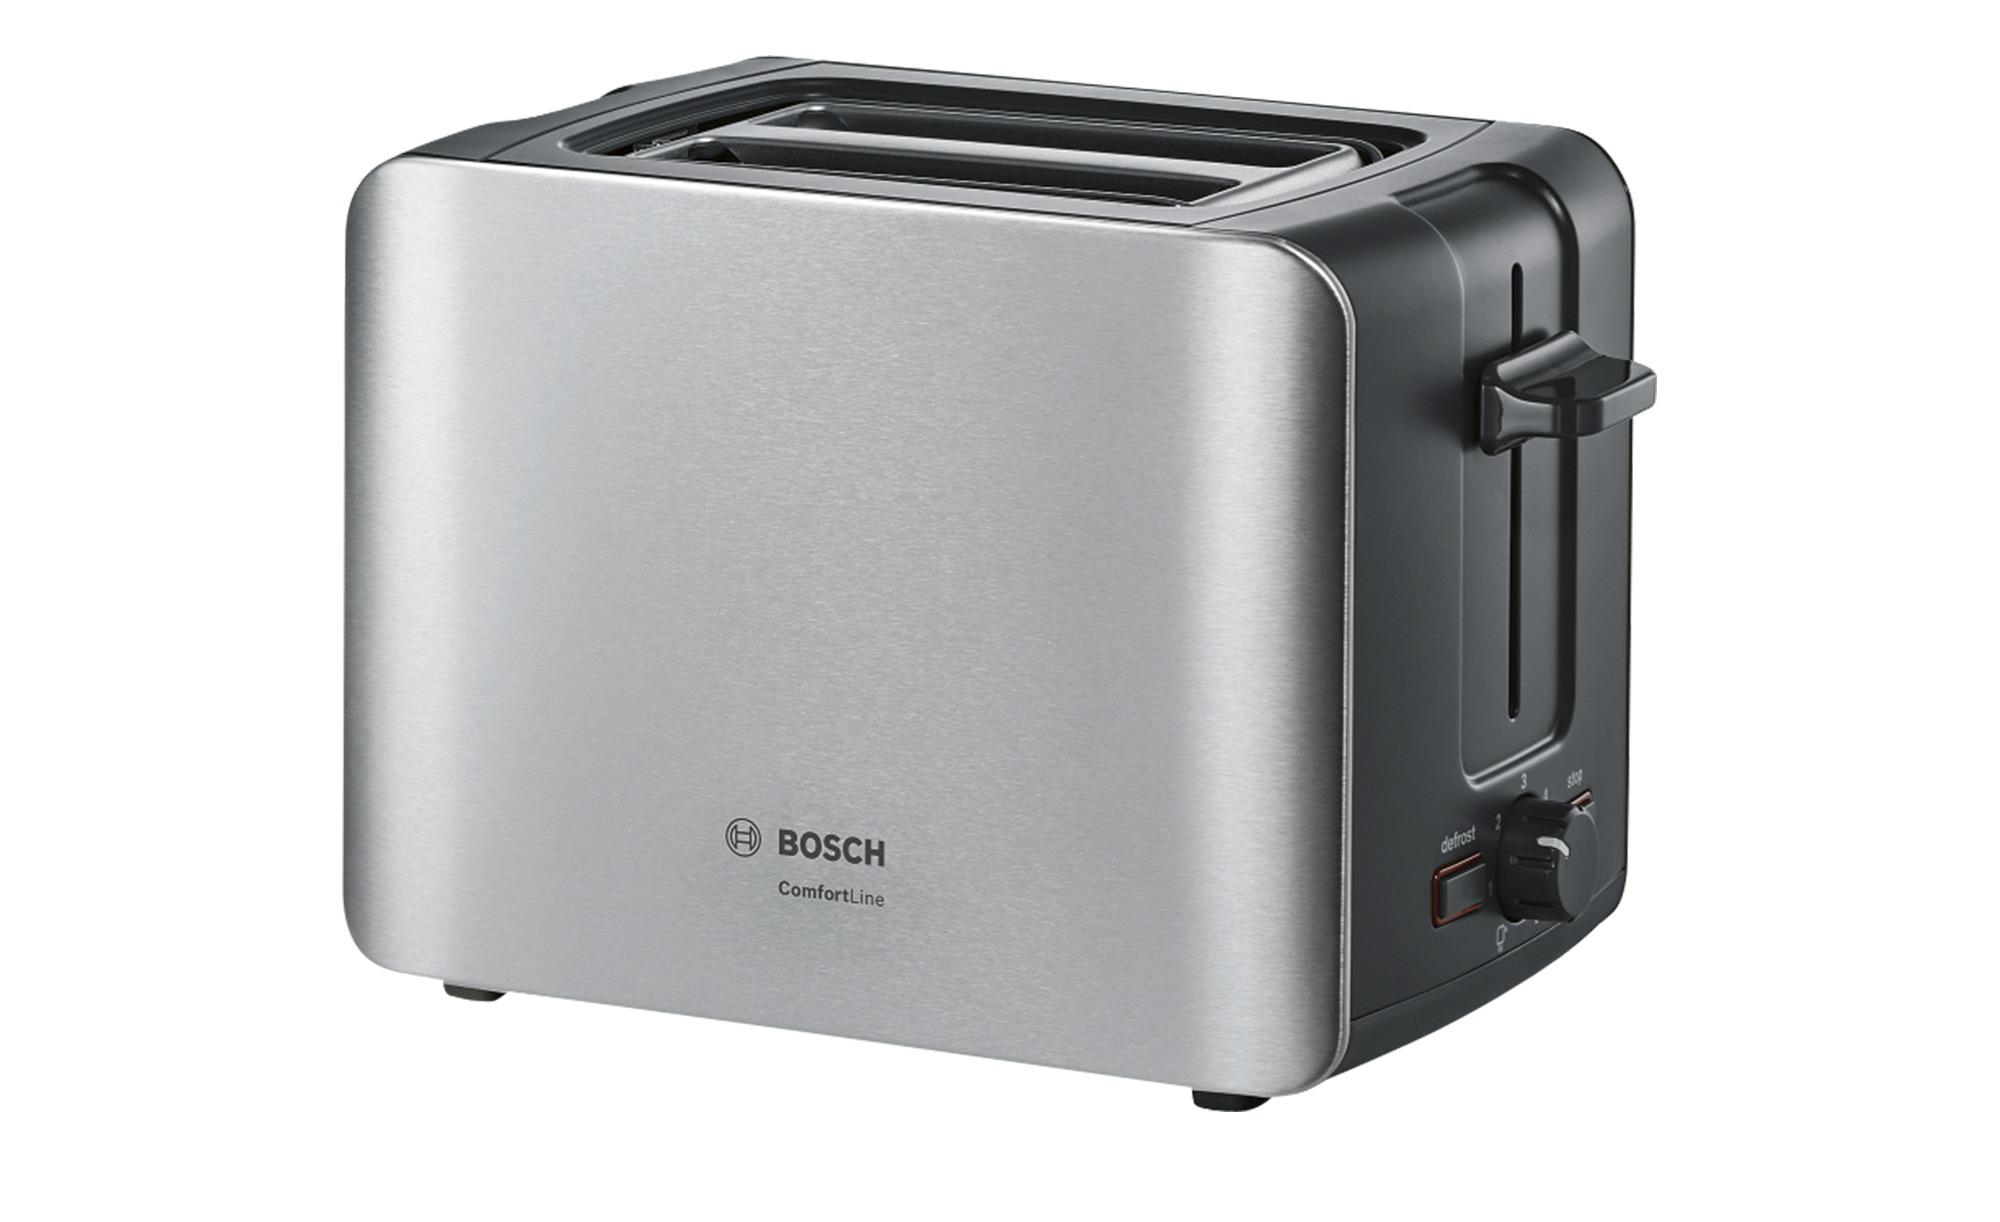 BOSCH Toaster - Metall, Kunststoff - 0,8 cm - 17,5 cm - 12 cm - Elektrokleingeräte > Toaster - Möbel Kraft   Küche und Esszimmer > Küchengeräte   BOSCH